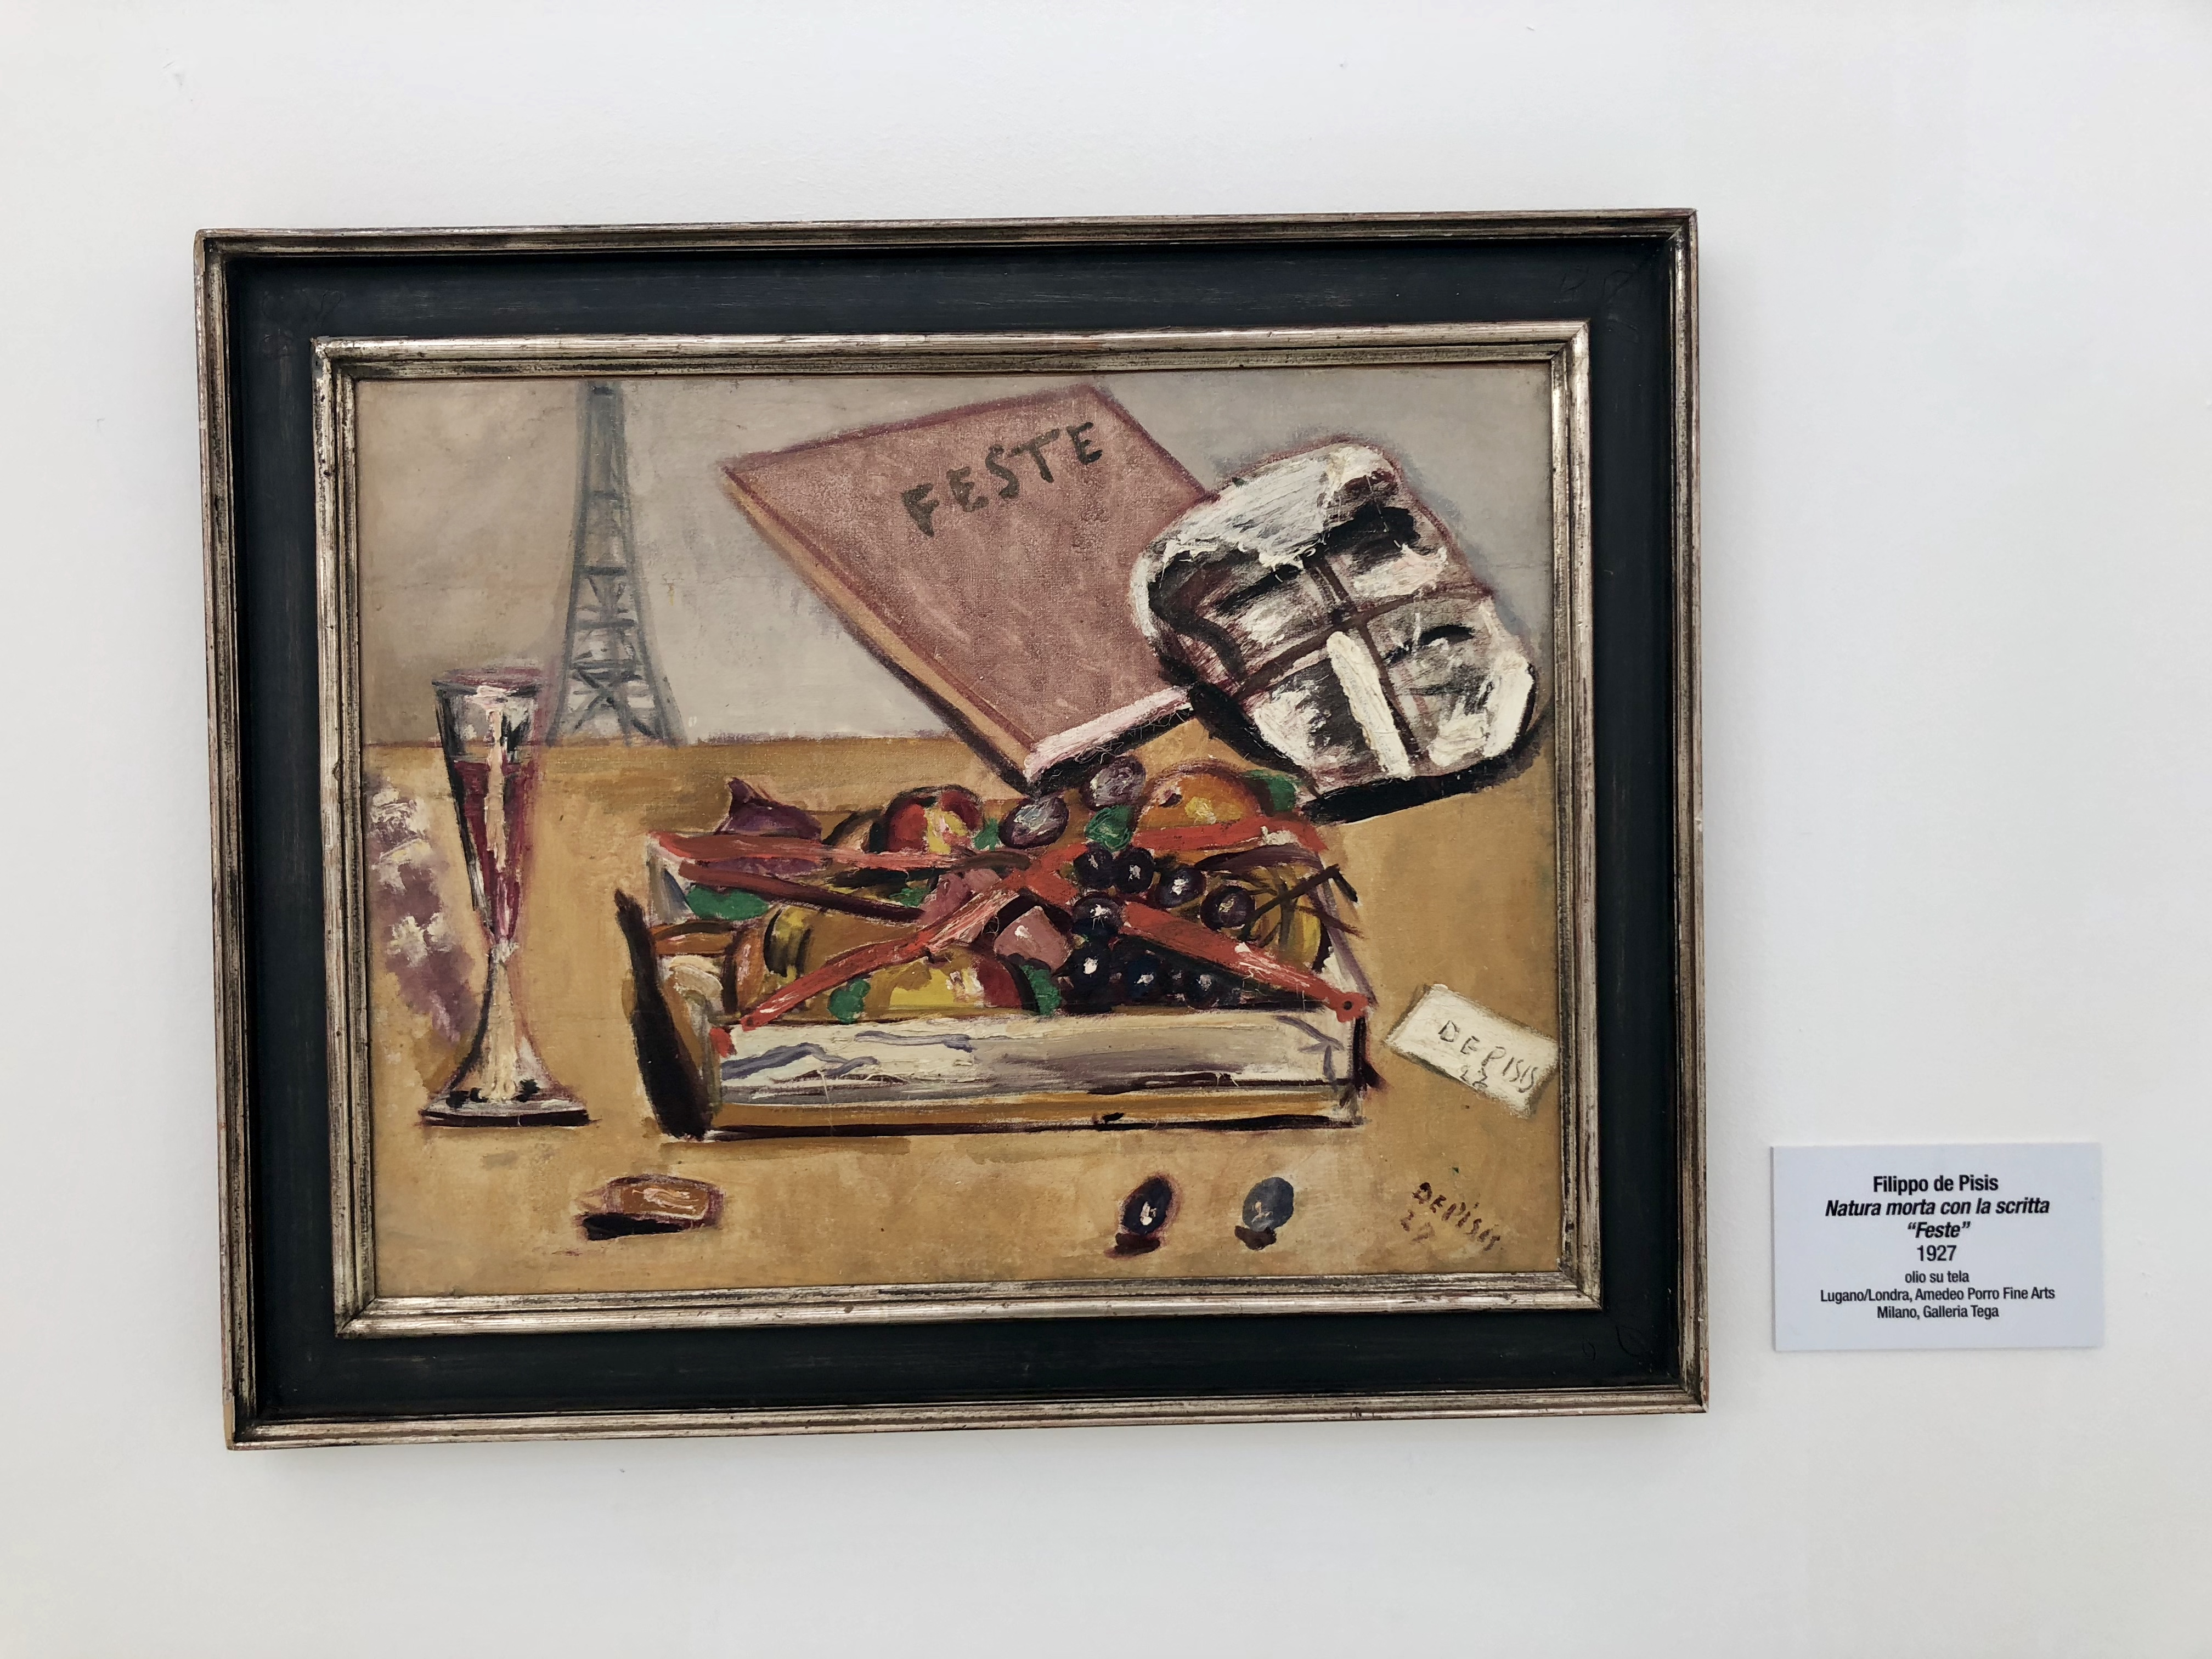 TalentiEventi_Filippo_De_Pisis_Eclettico_connoisseur_fra pittura_ musica_e_poesia_Museo_Ettore_Fico_36